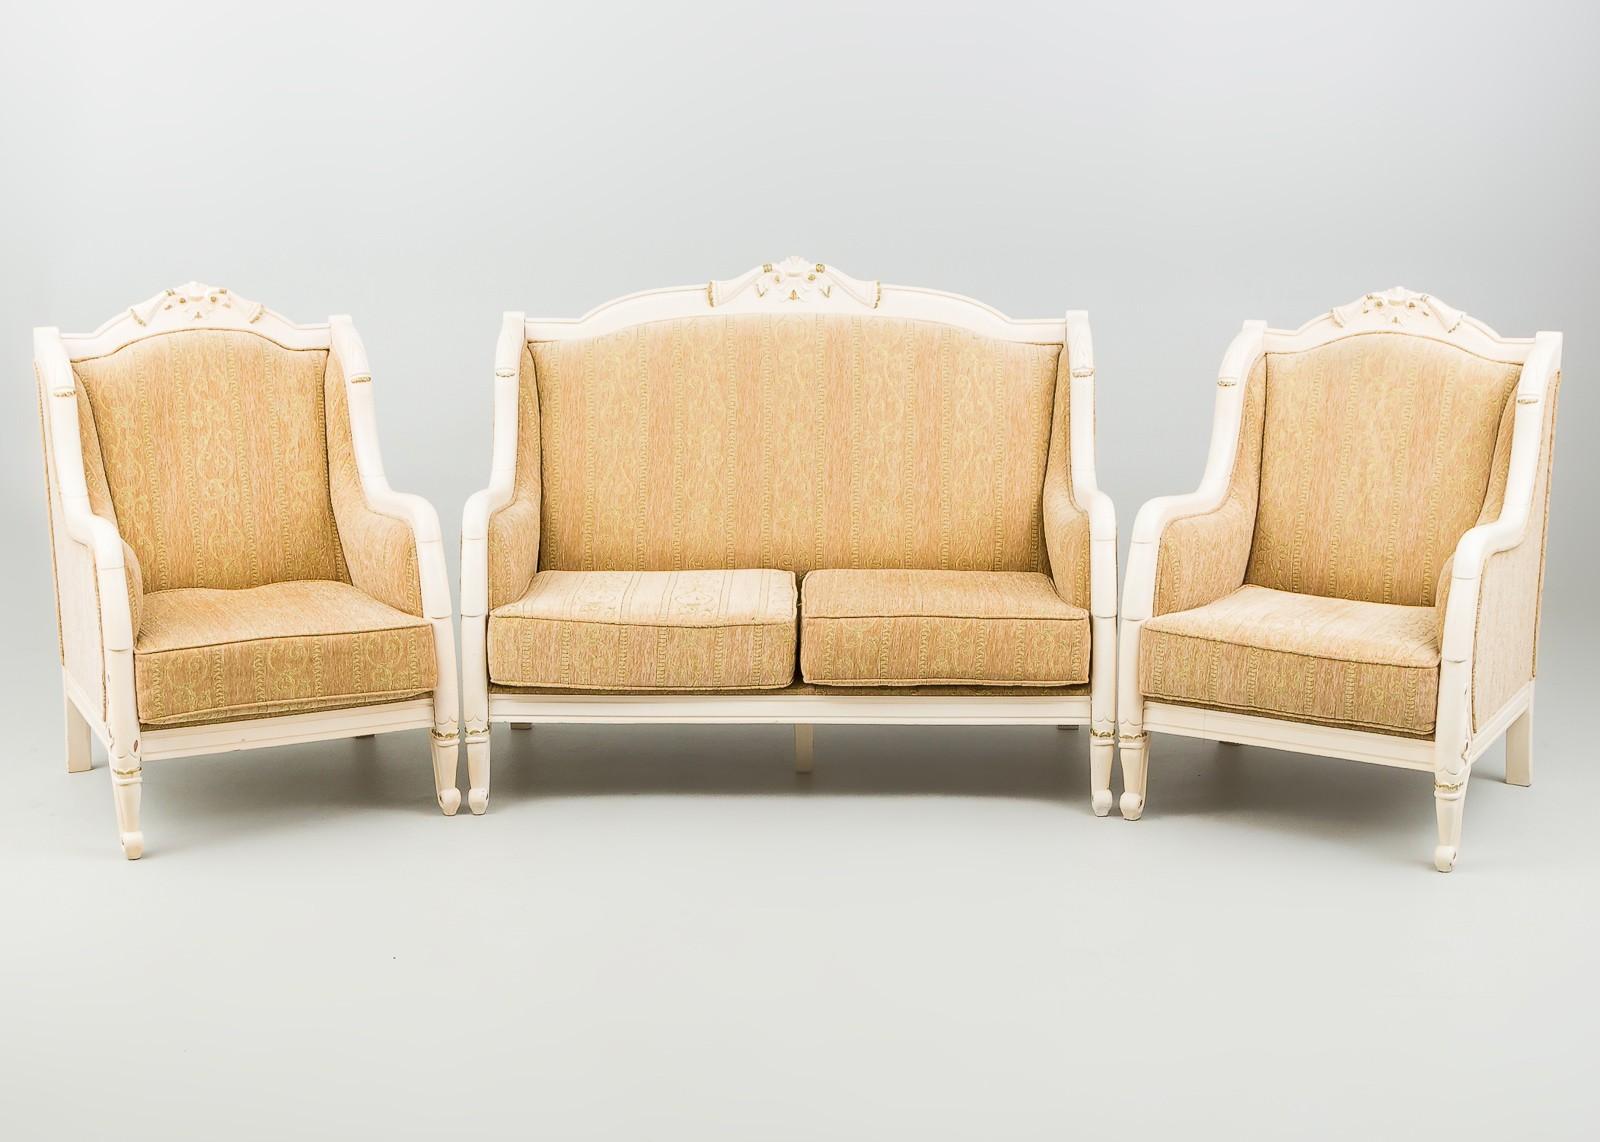 Kомплект мягкой мебели для гостиной